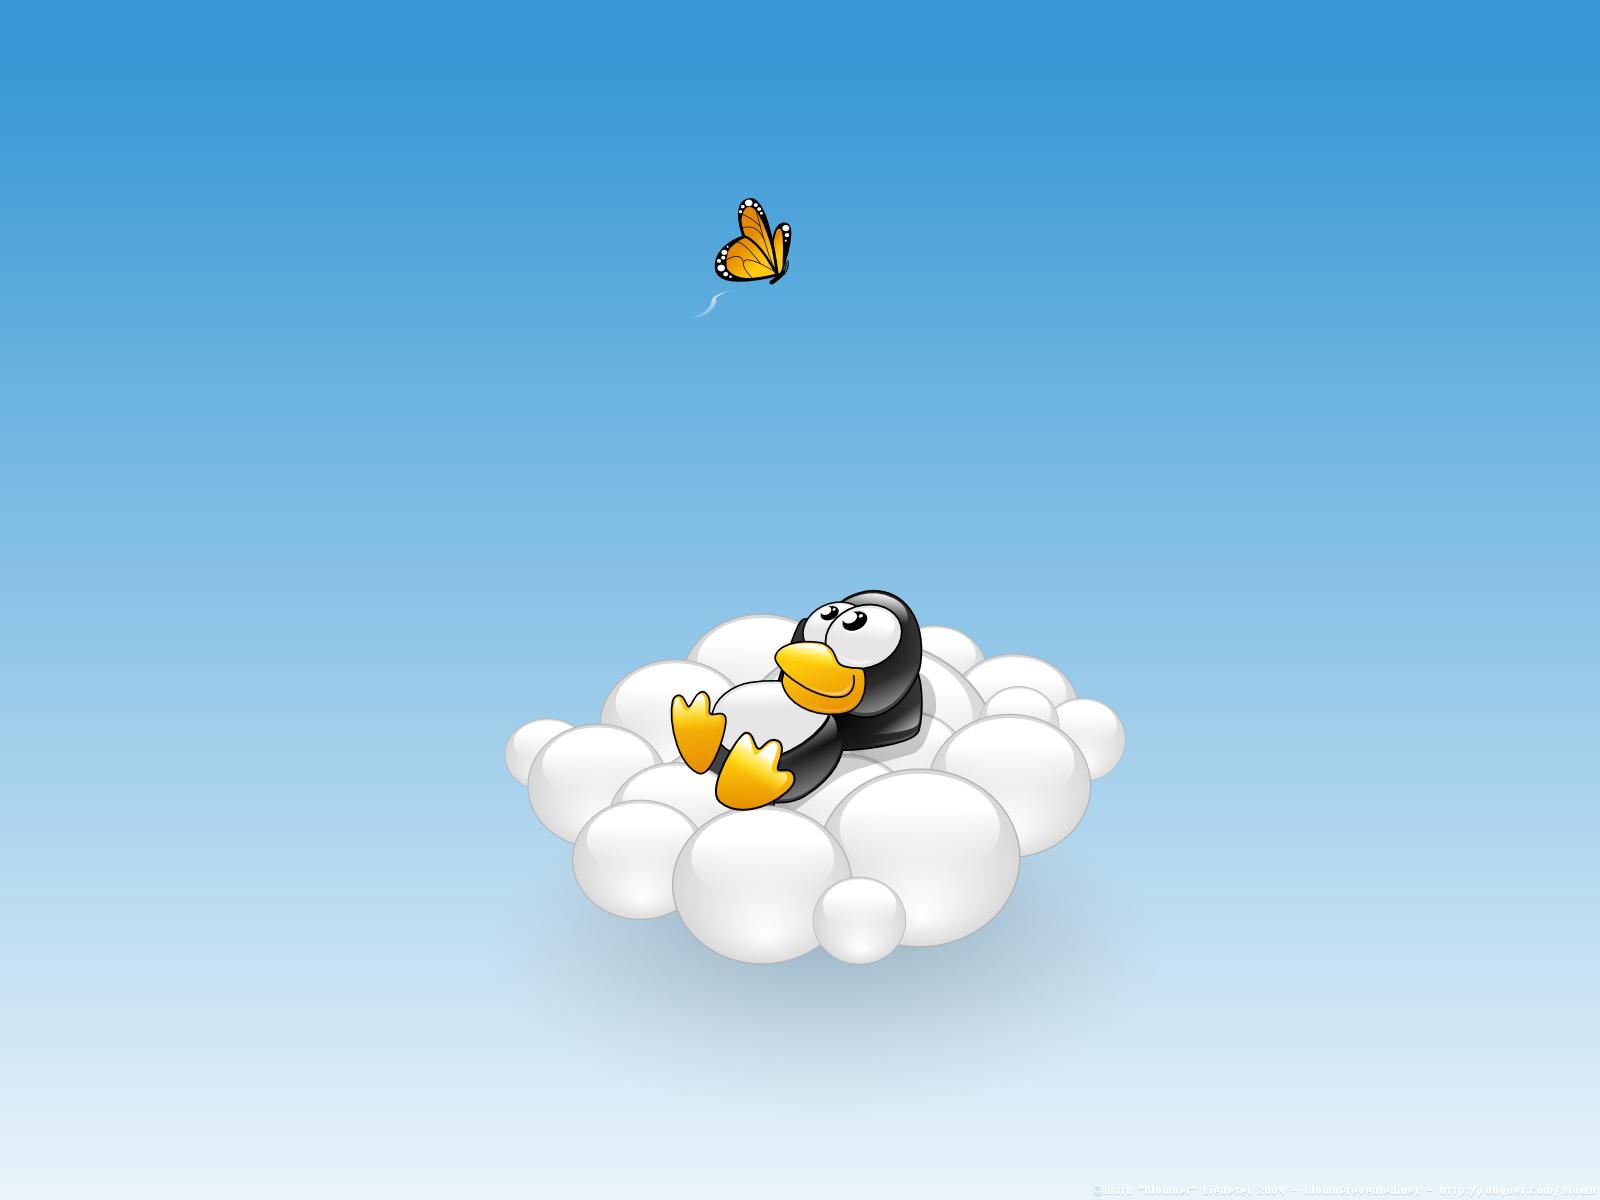 Ejemplo de Cómo poner imagen de fondo en HTML - Imagenes Con Fondo